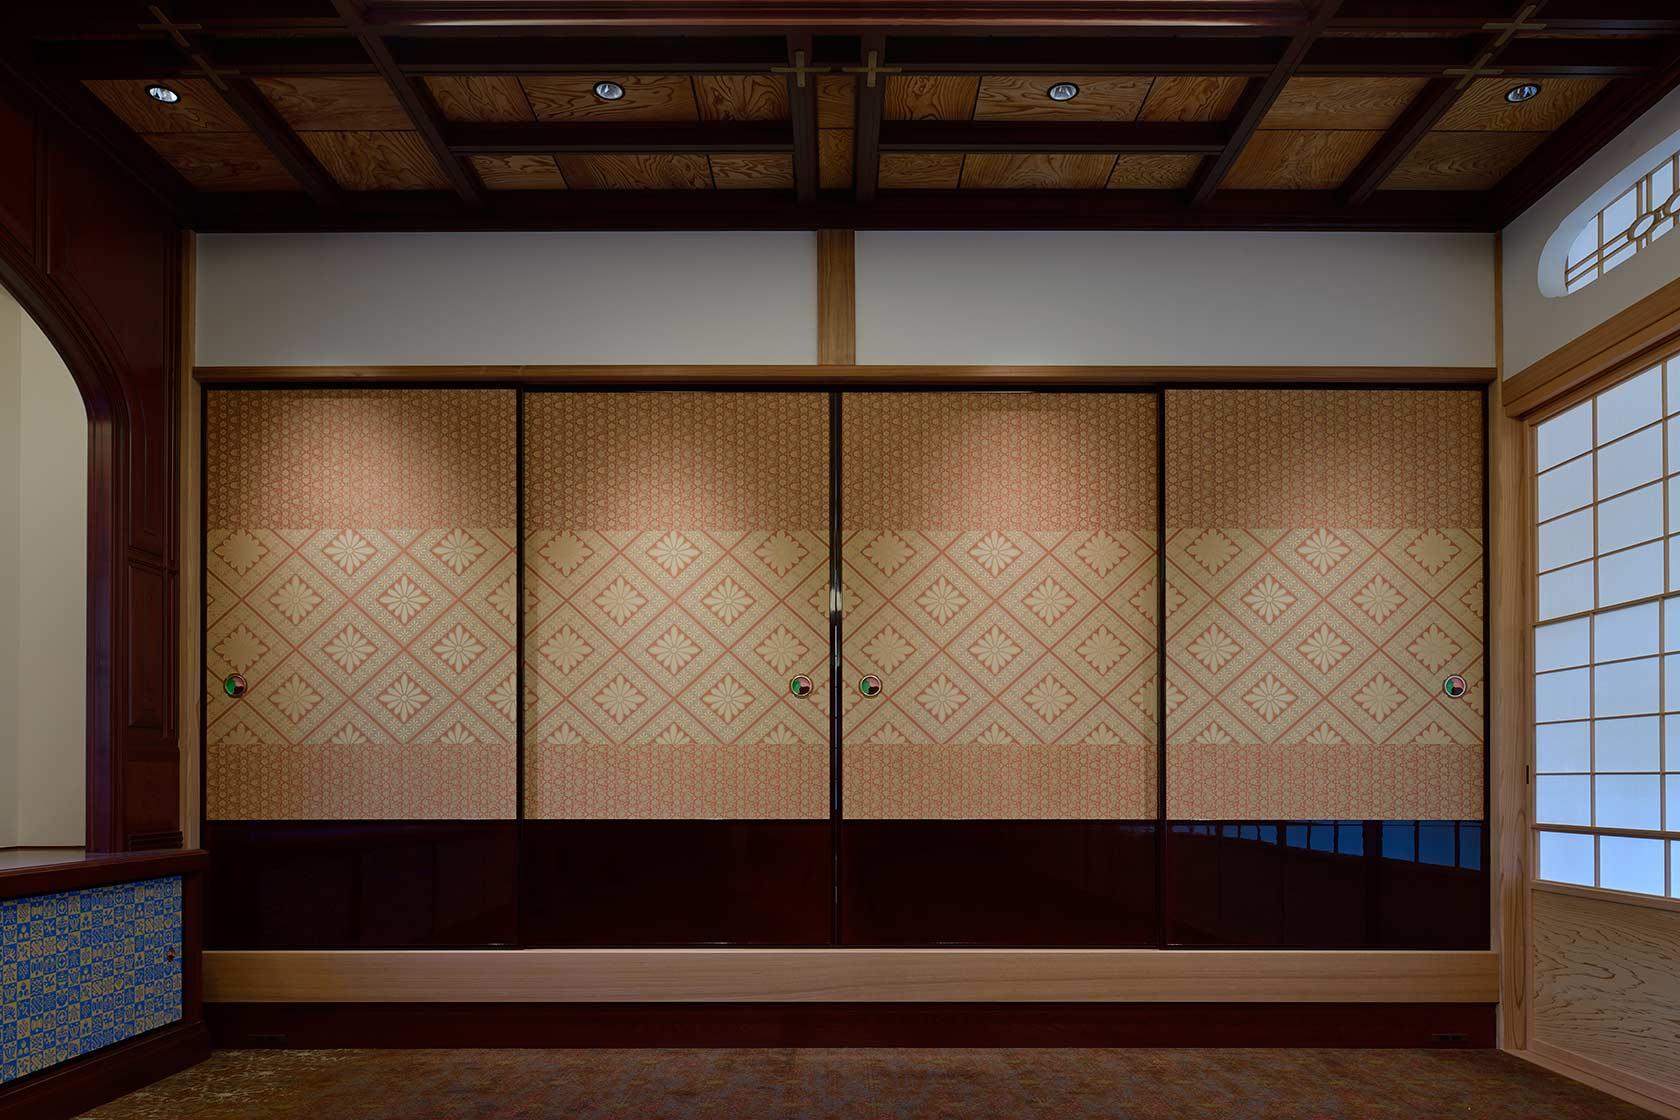 A邸17-人間国宝の北村武資先生の織物を使用した襖